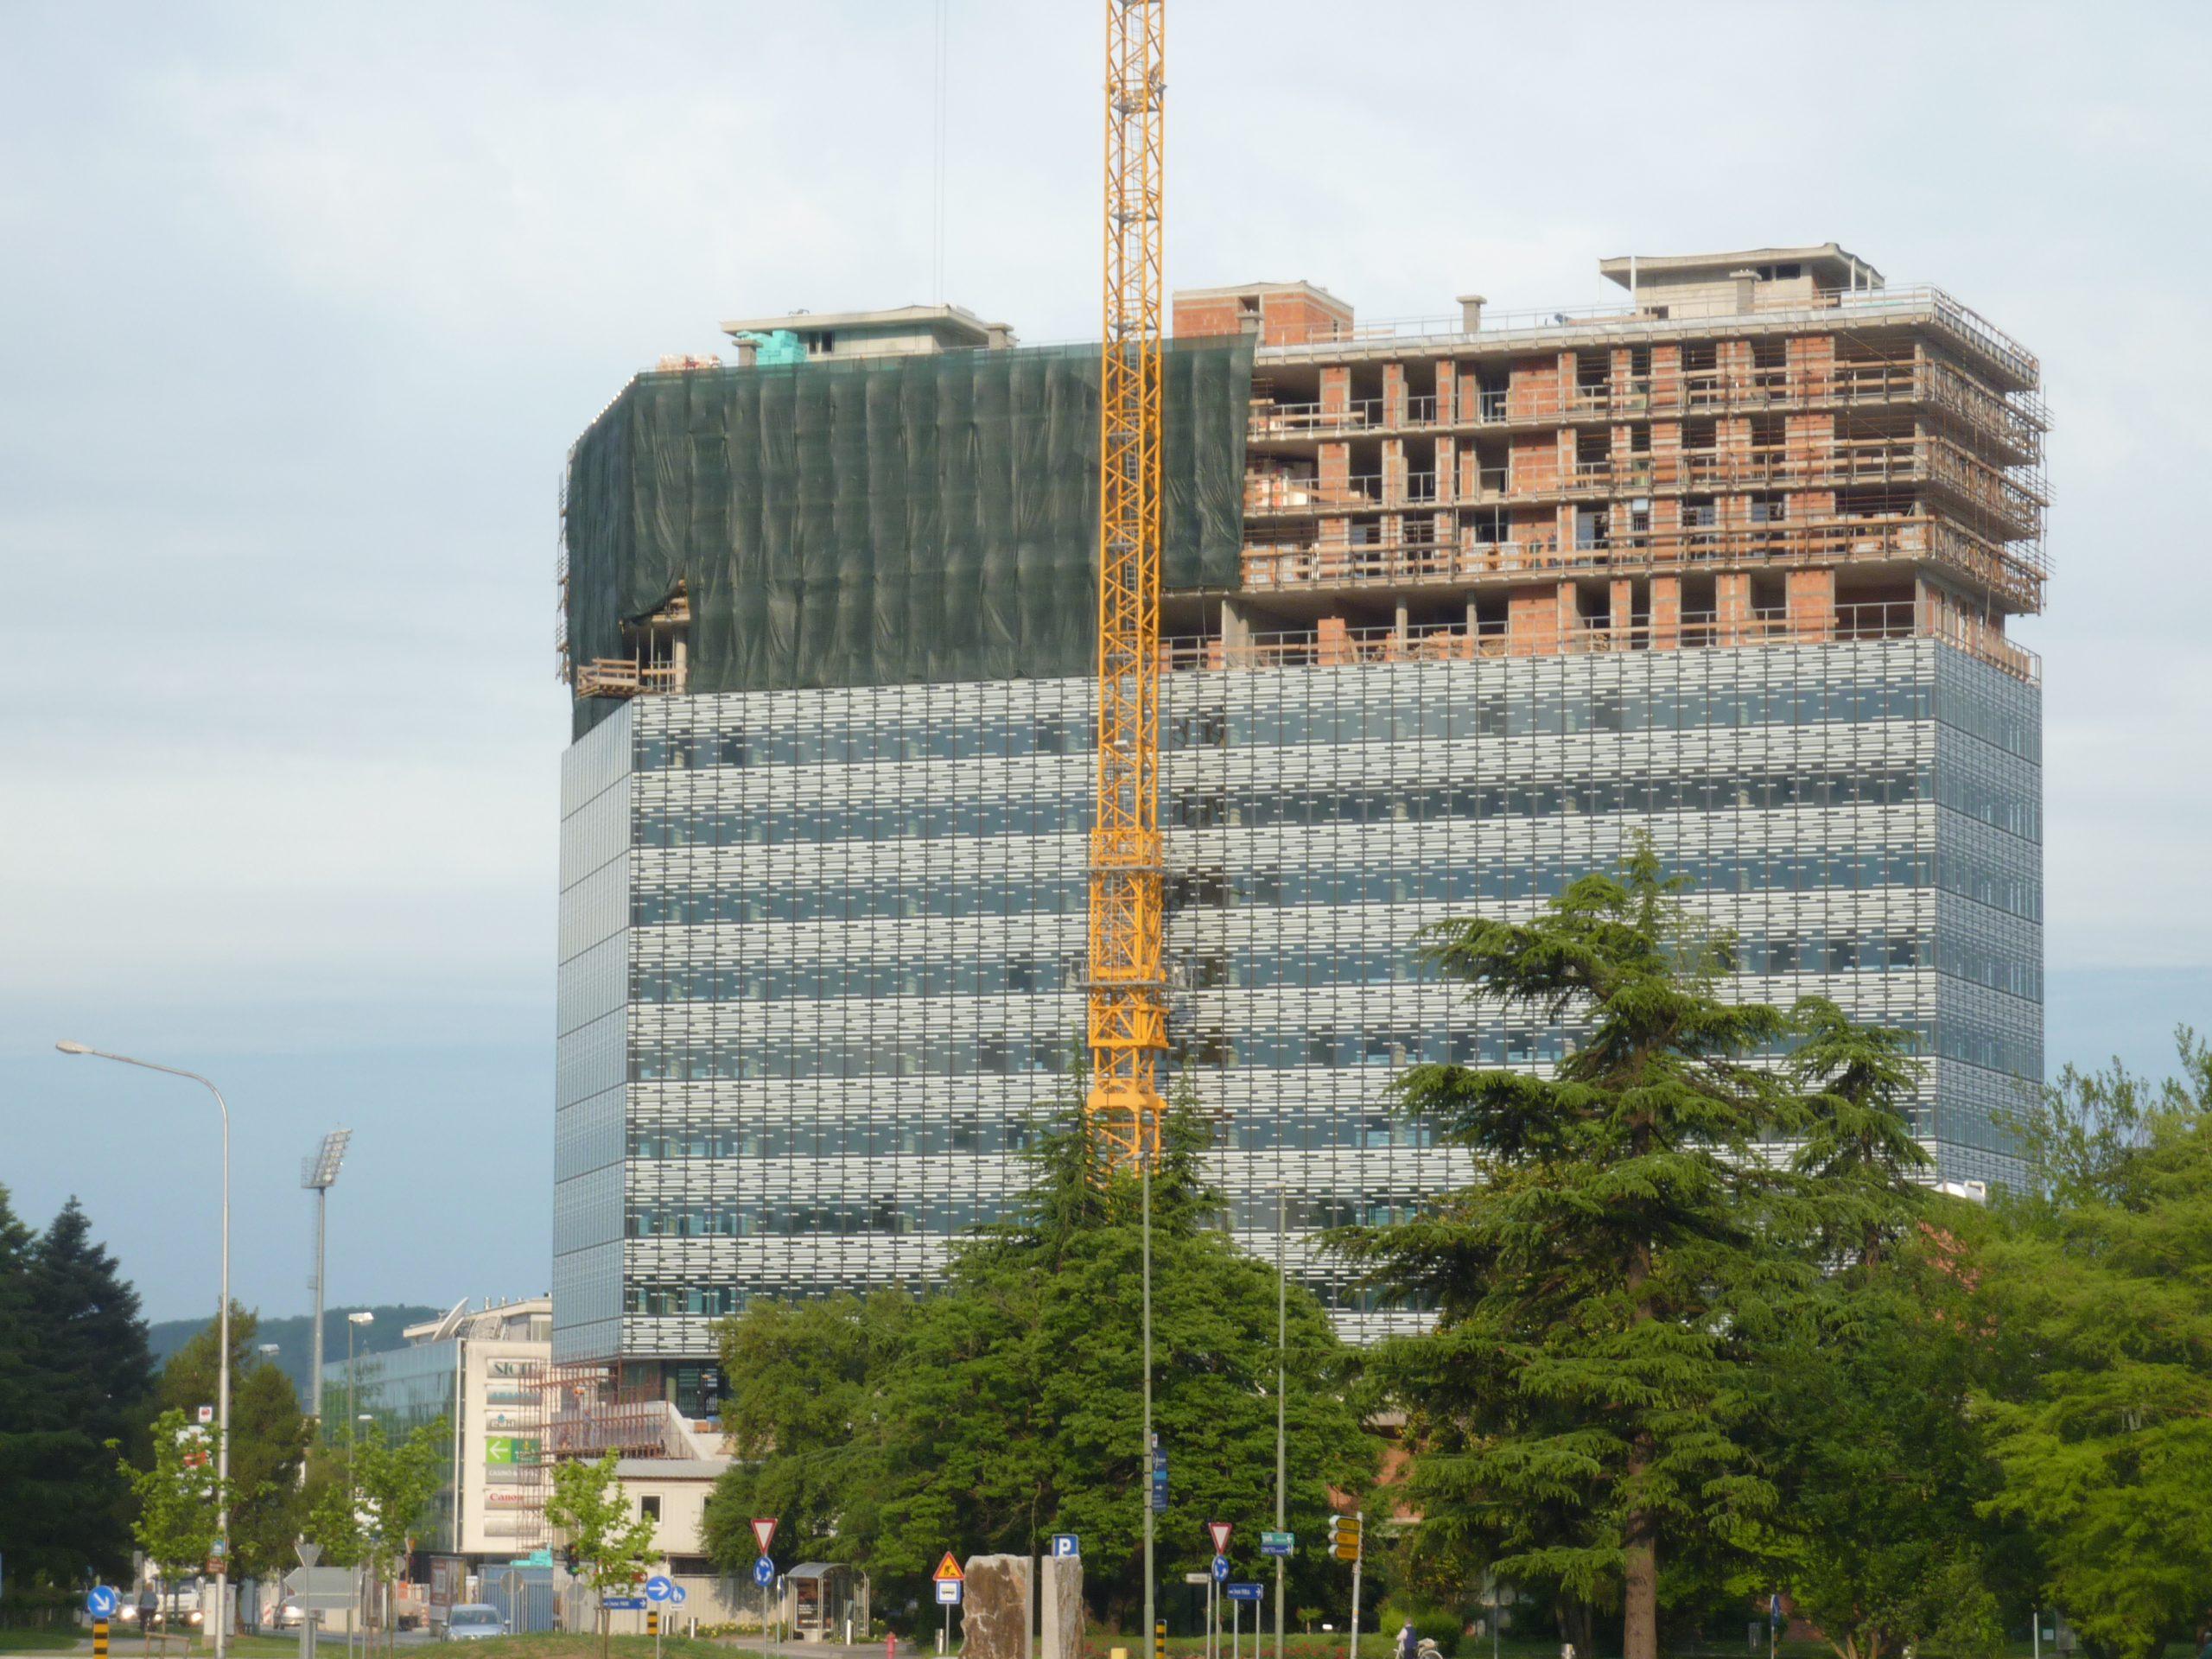 SPIT projektiranje, Poslovno stanovanjski objekt EDA center v Novi Gorici